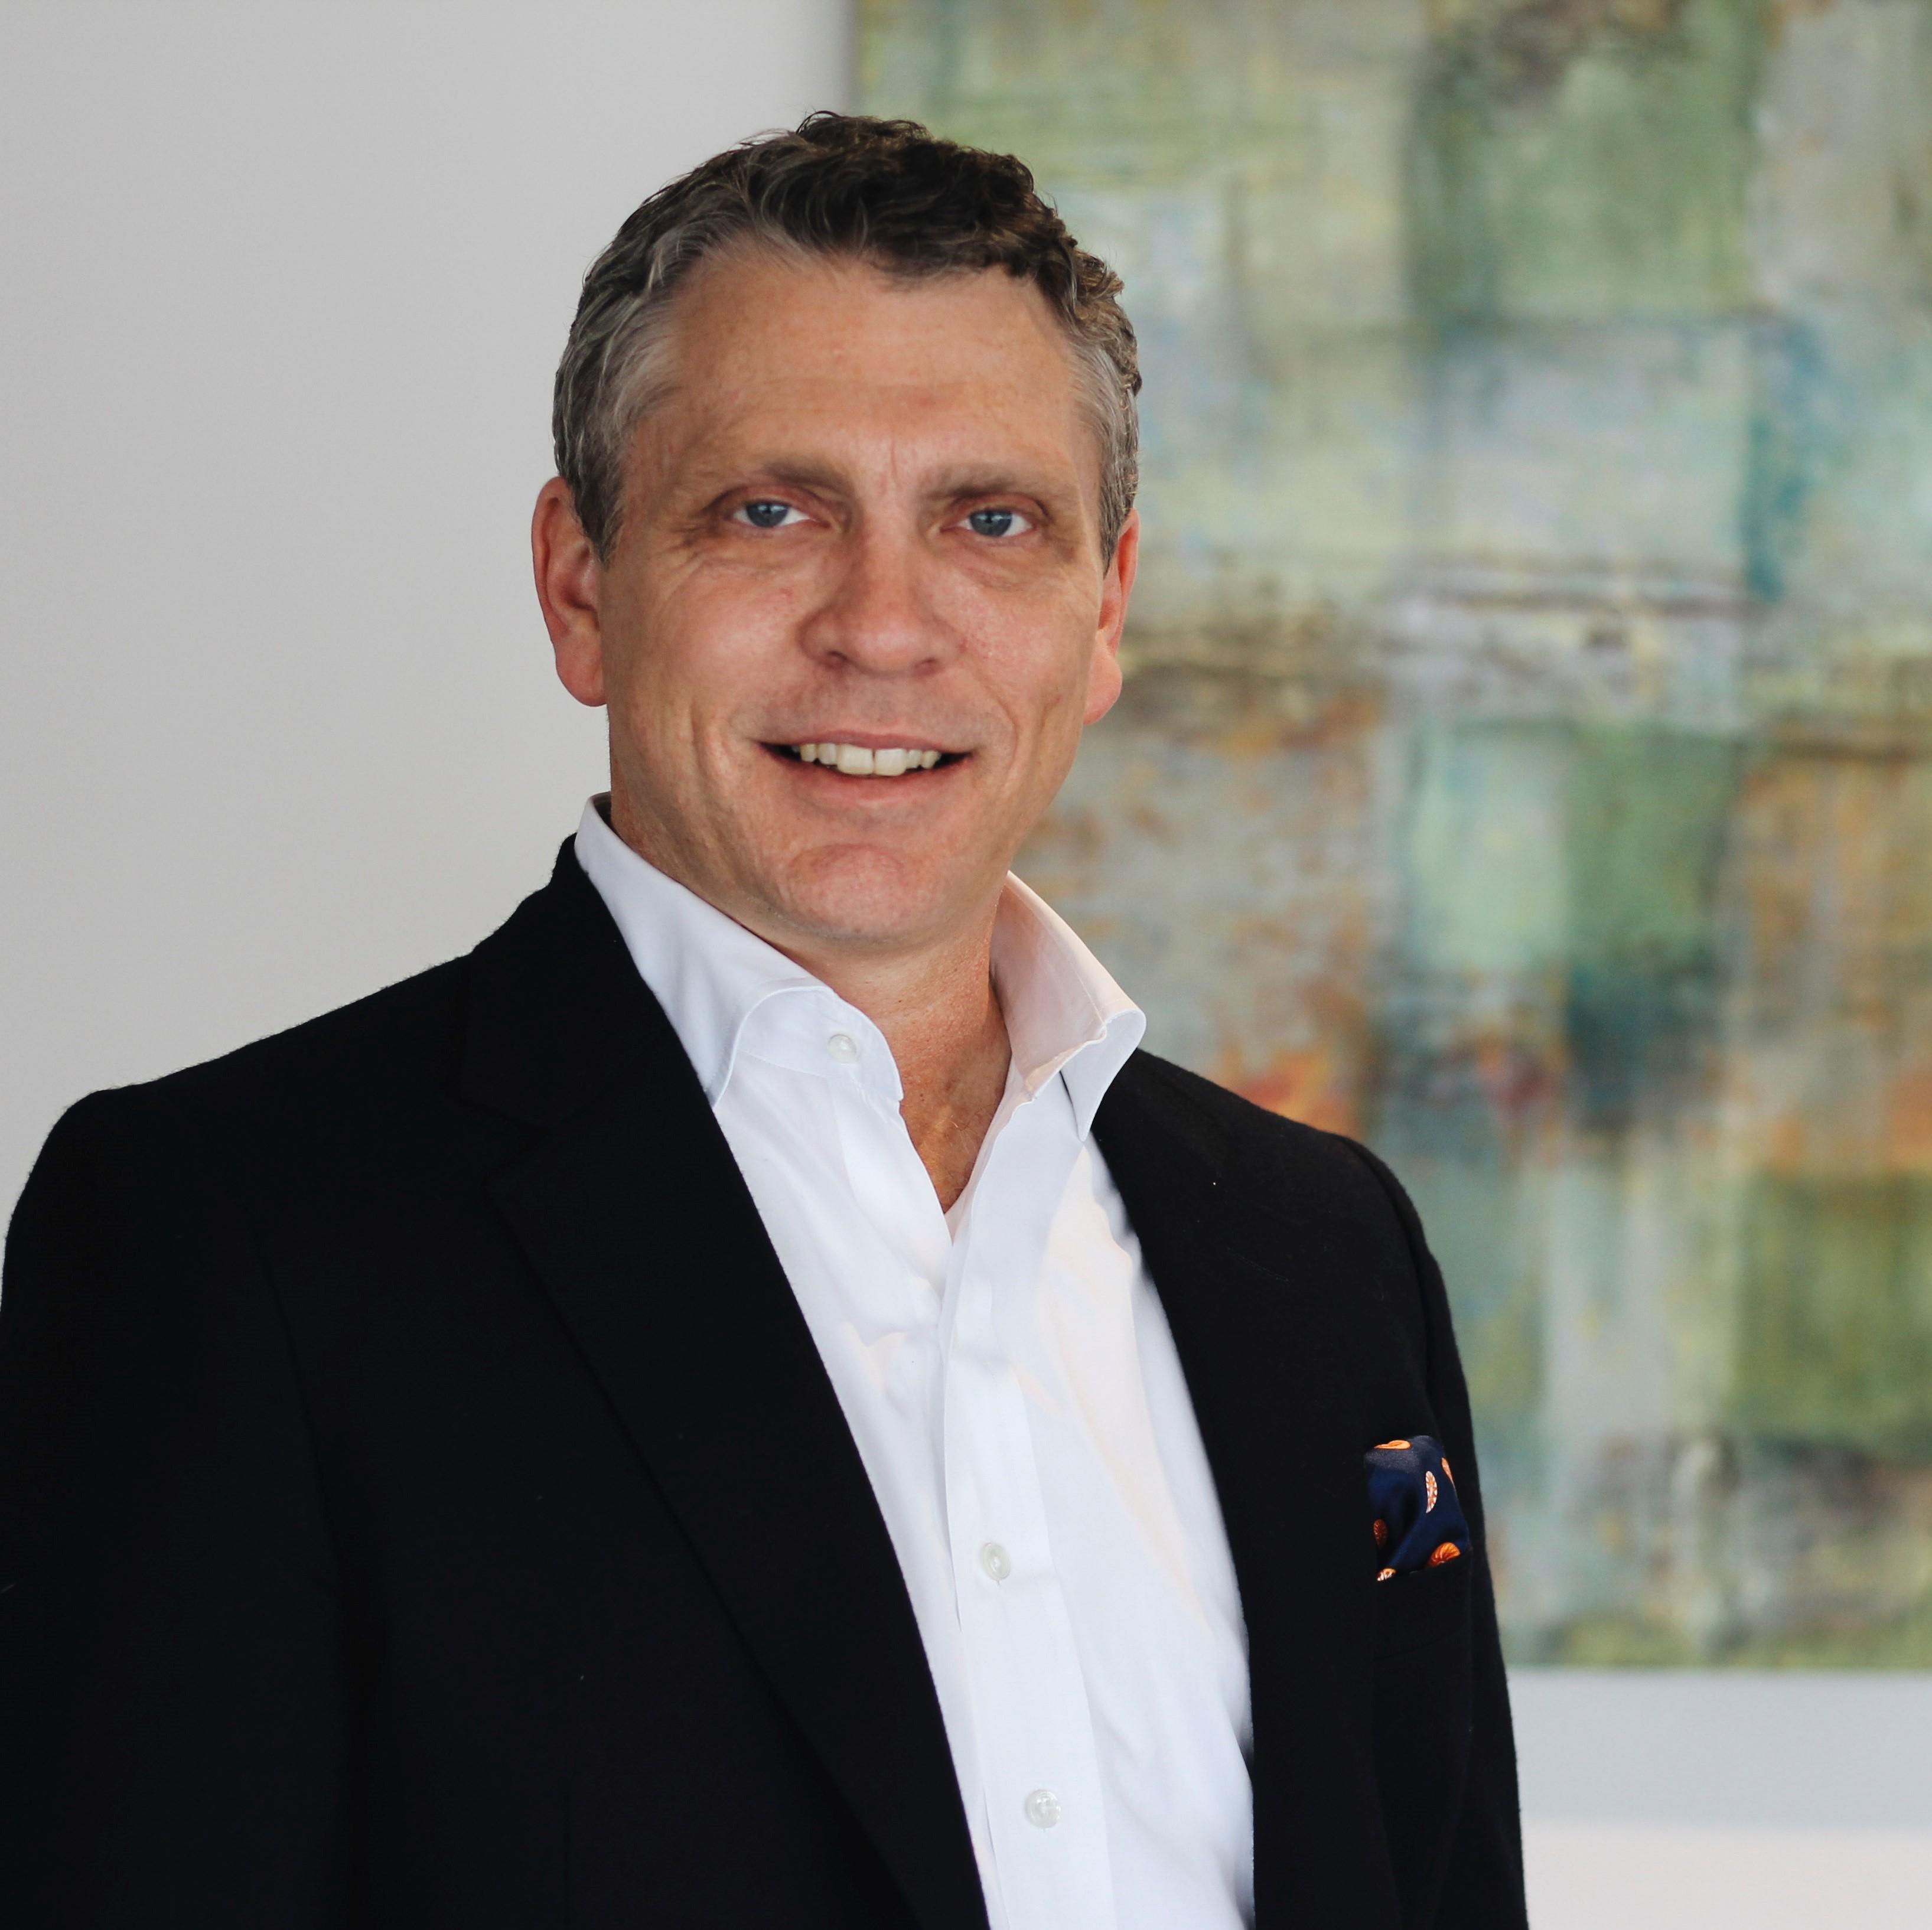 Dr. Brad Schwall